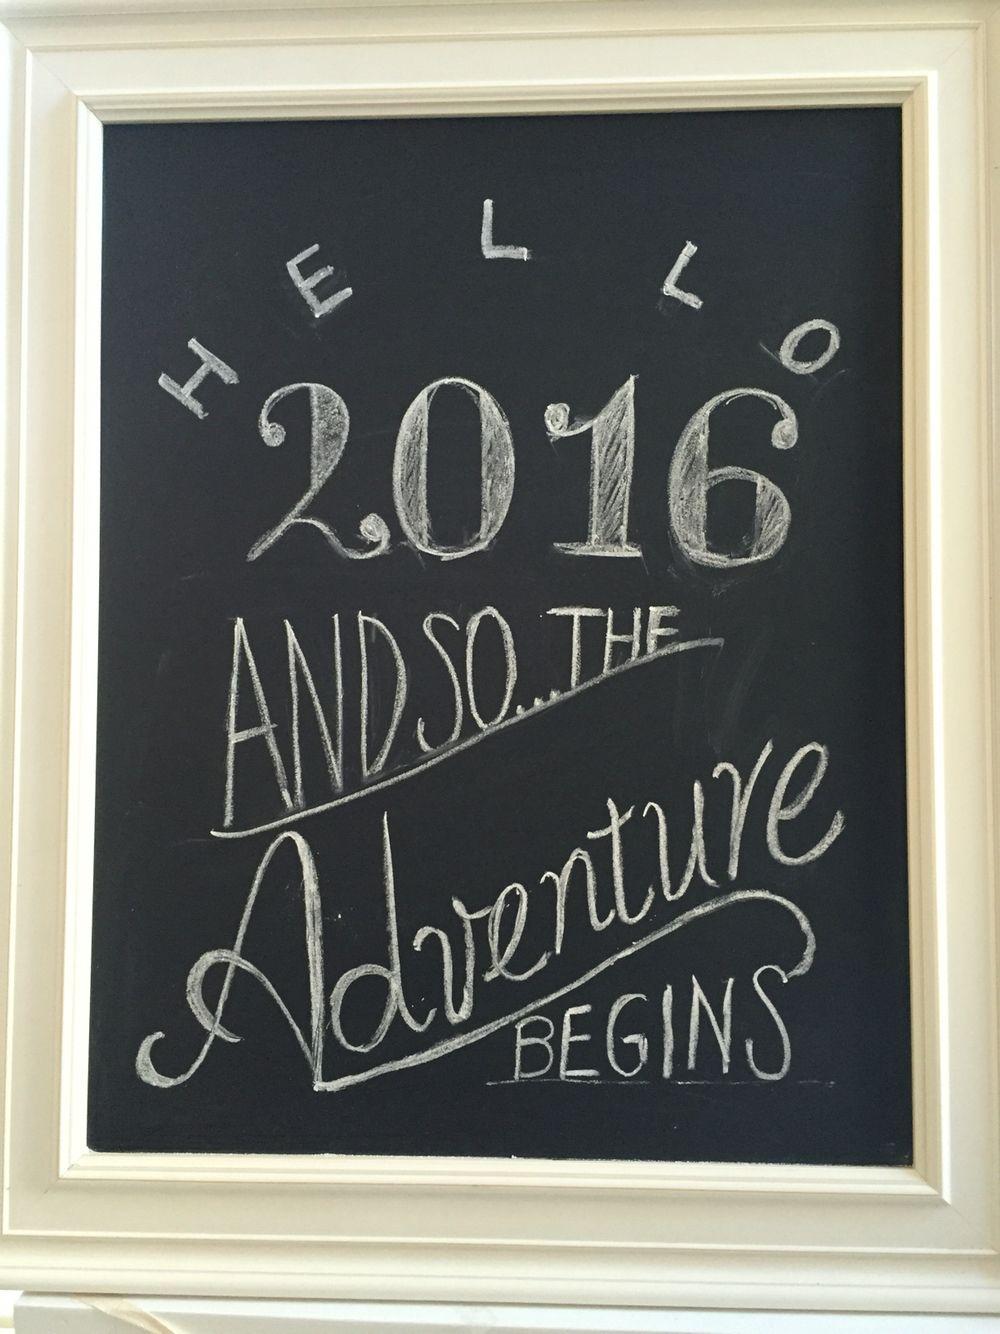 New Year's chalk board